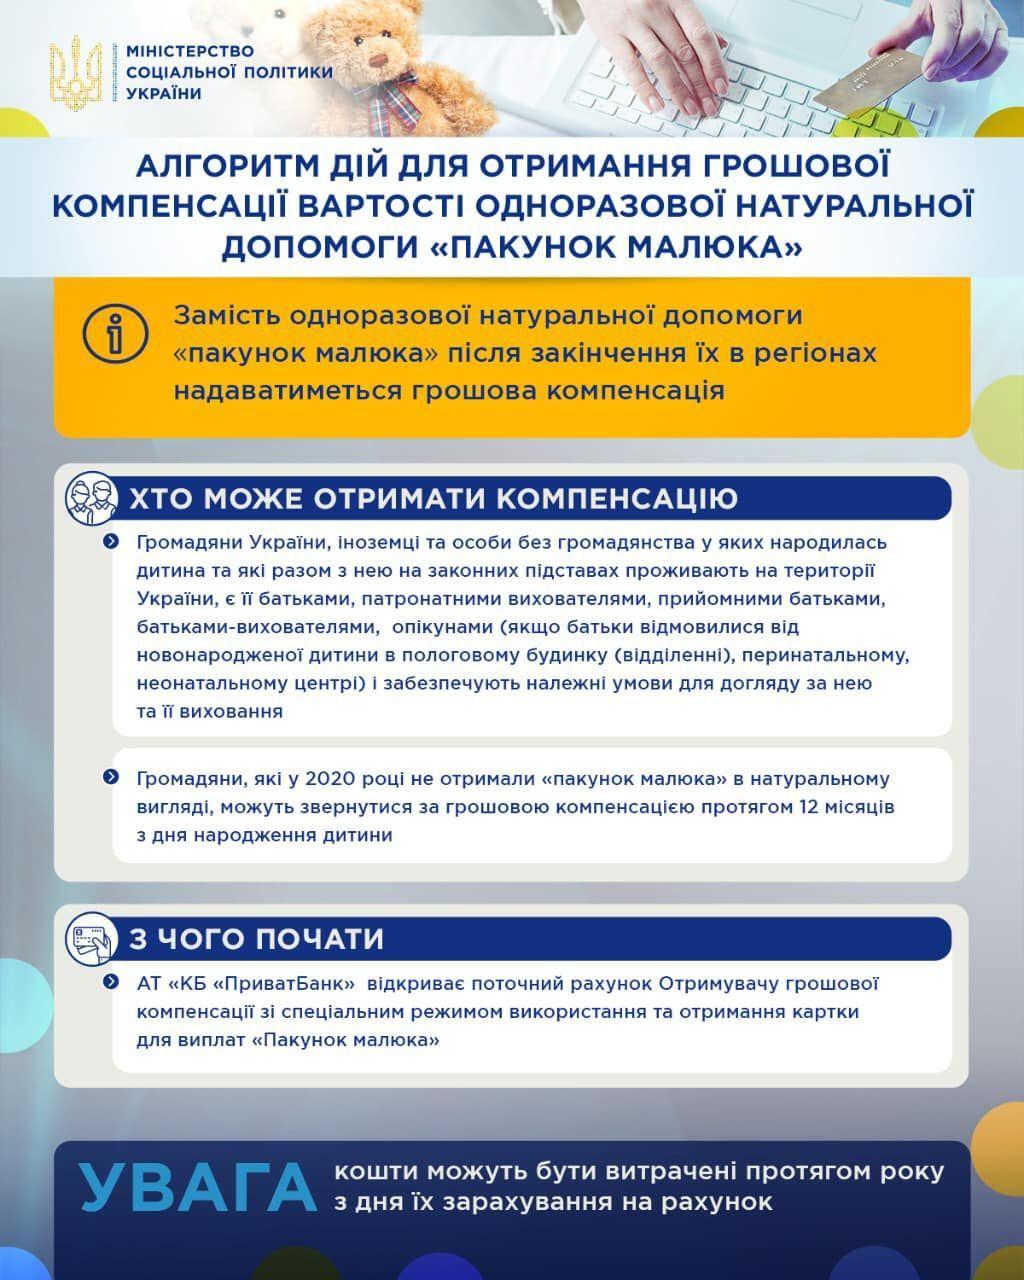 пакунок малюка інфографіка_1